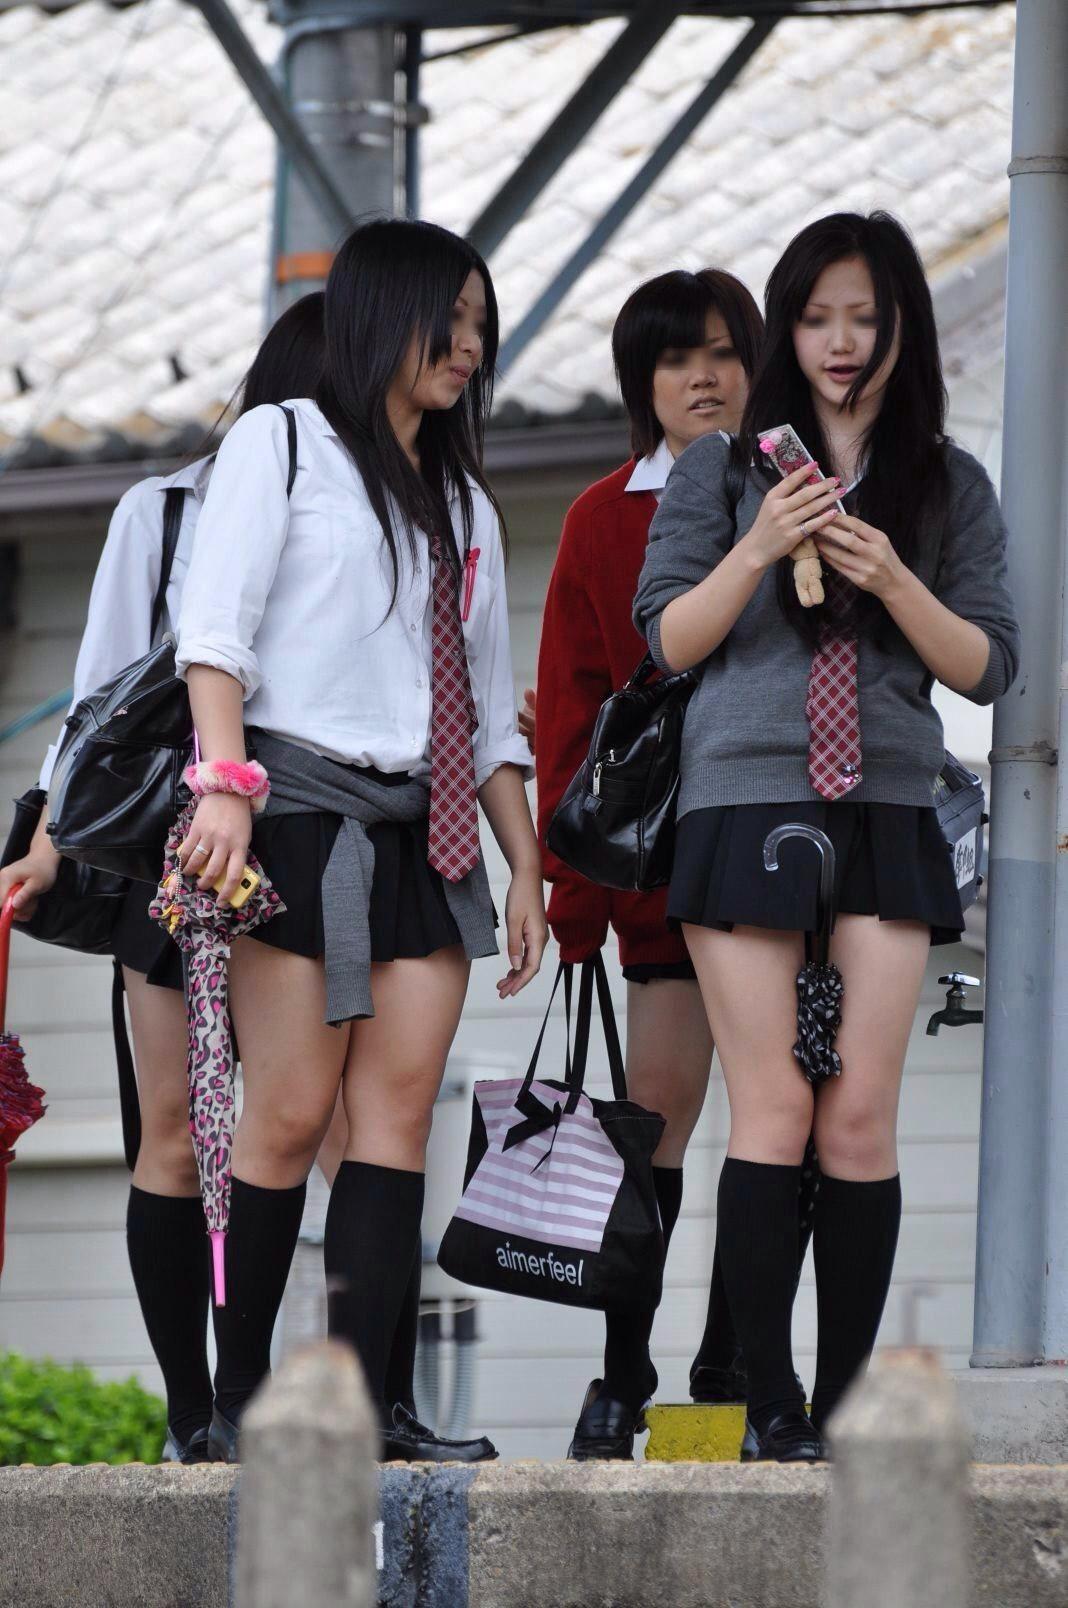 【JK太ももエロ画像】むちむちの肉感溢れる太ももがぐぅエロ…やっぱ太ももは女子高生が最高やわwwww その5